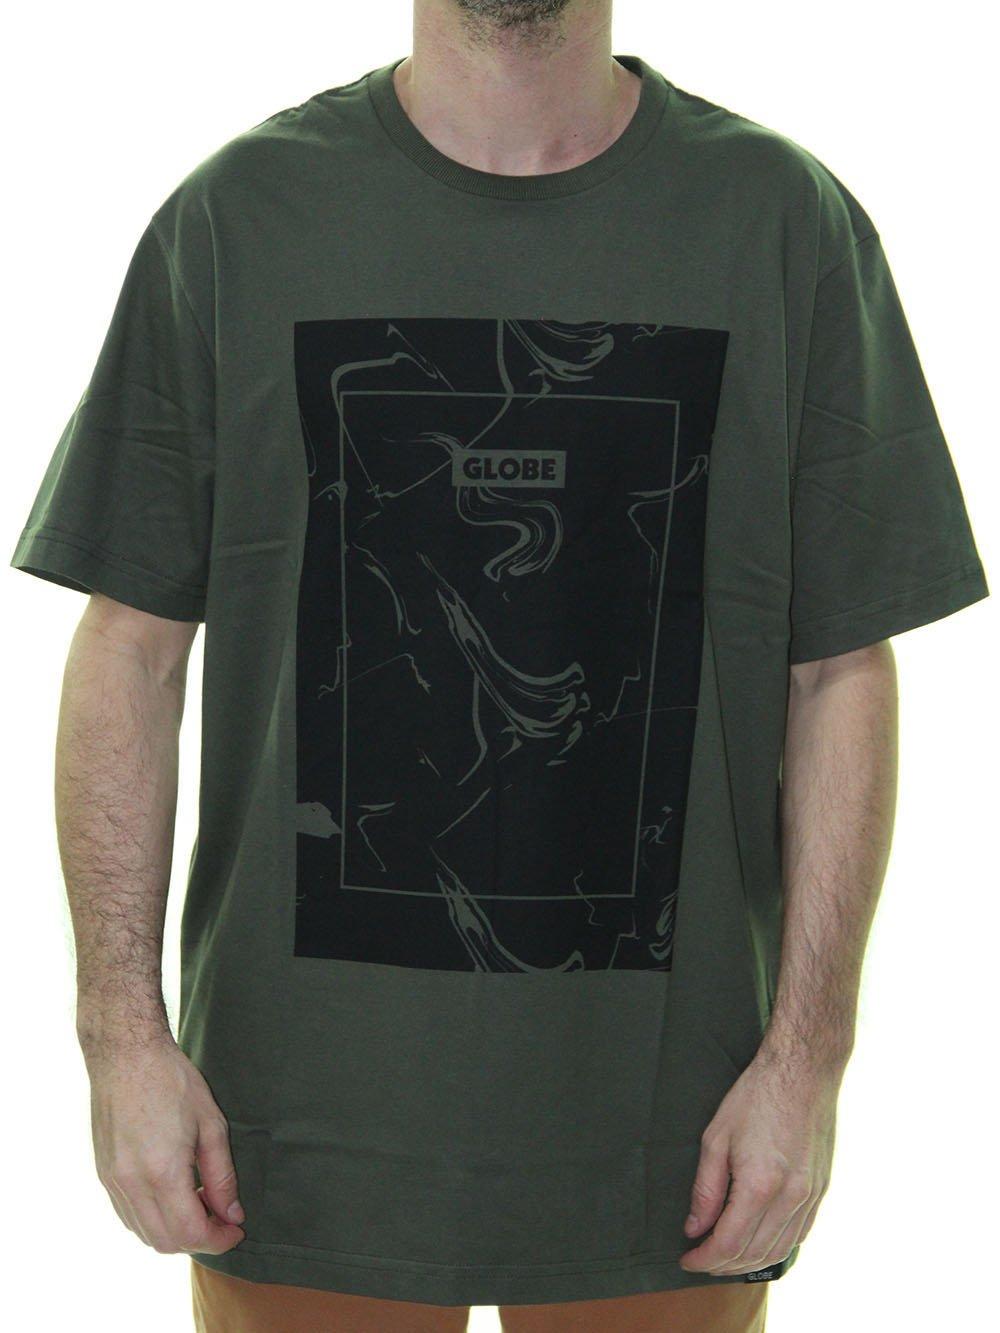 a1f36f4f833 Camiseta Masculina Globe Básica Caper Estampada Manga Curta - Verde Musgo  ...